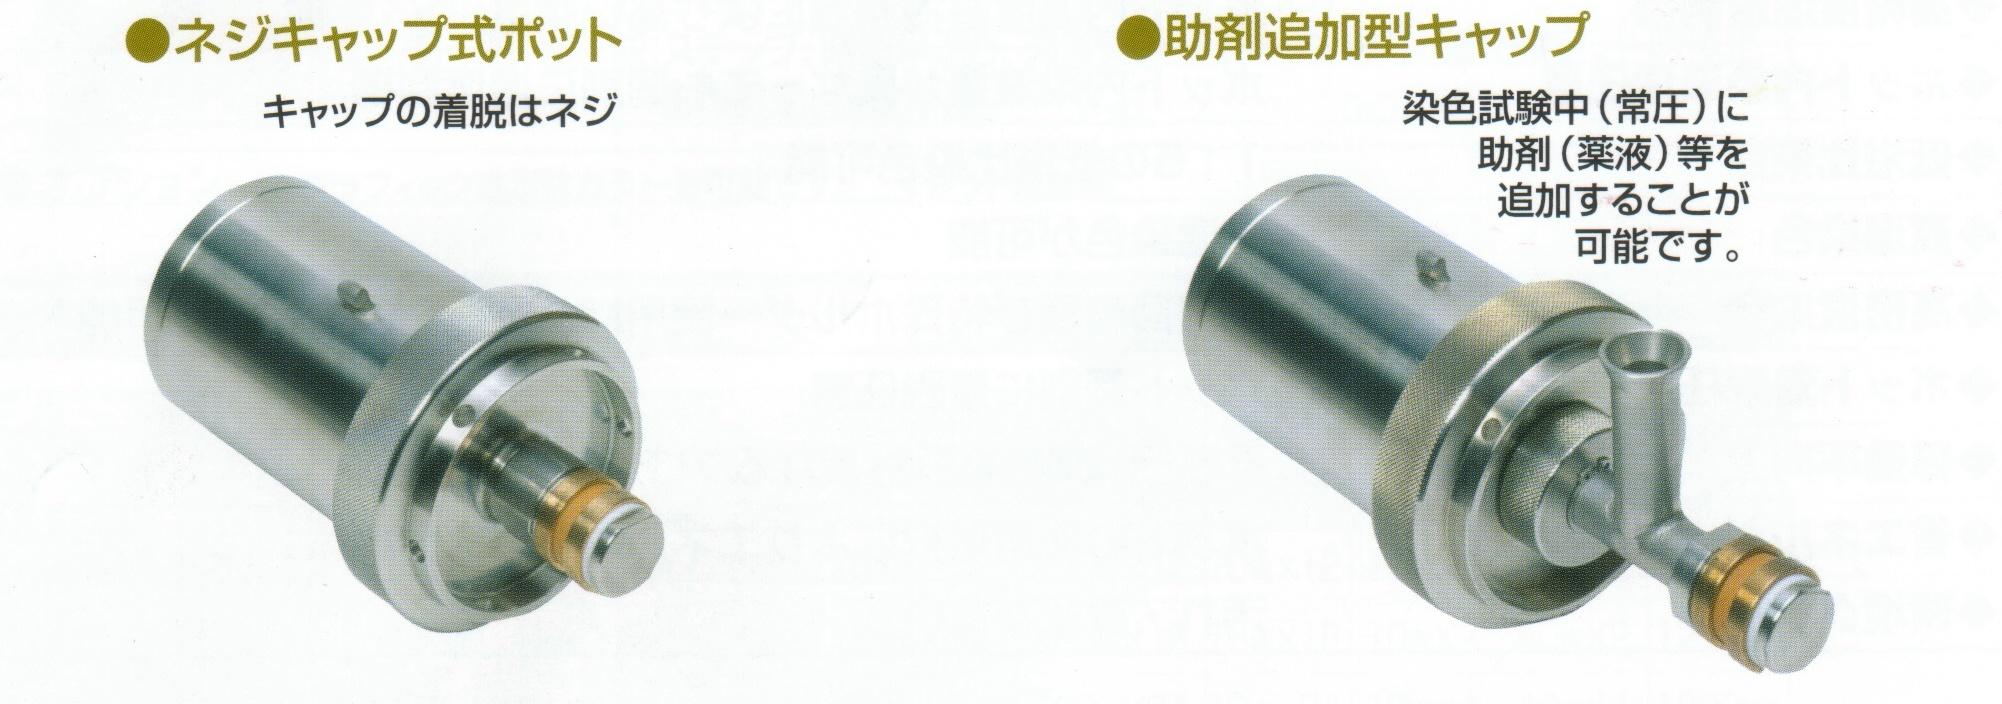 愛知県 名古屋 染色機 染色試験機 繊維機械 製造 販売 メーカー 株式会社テクサム技研/PW-24